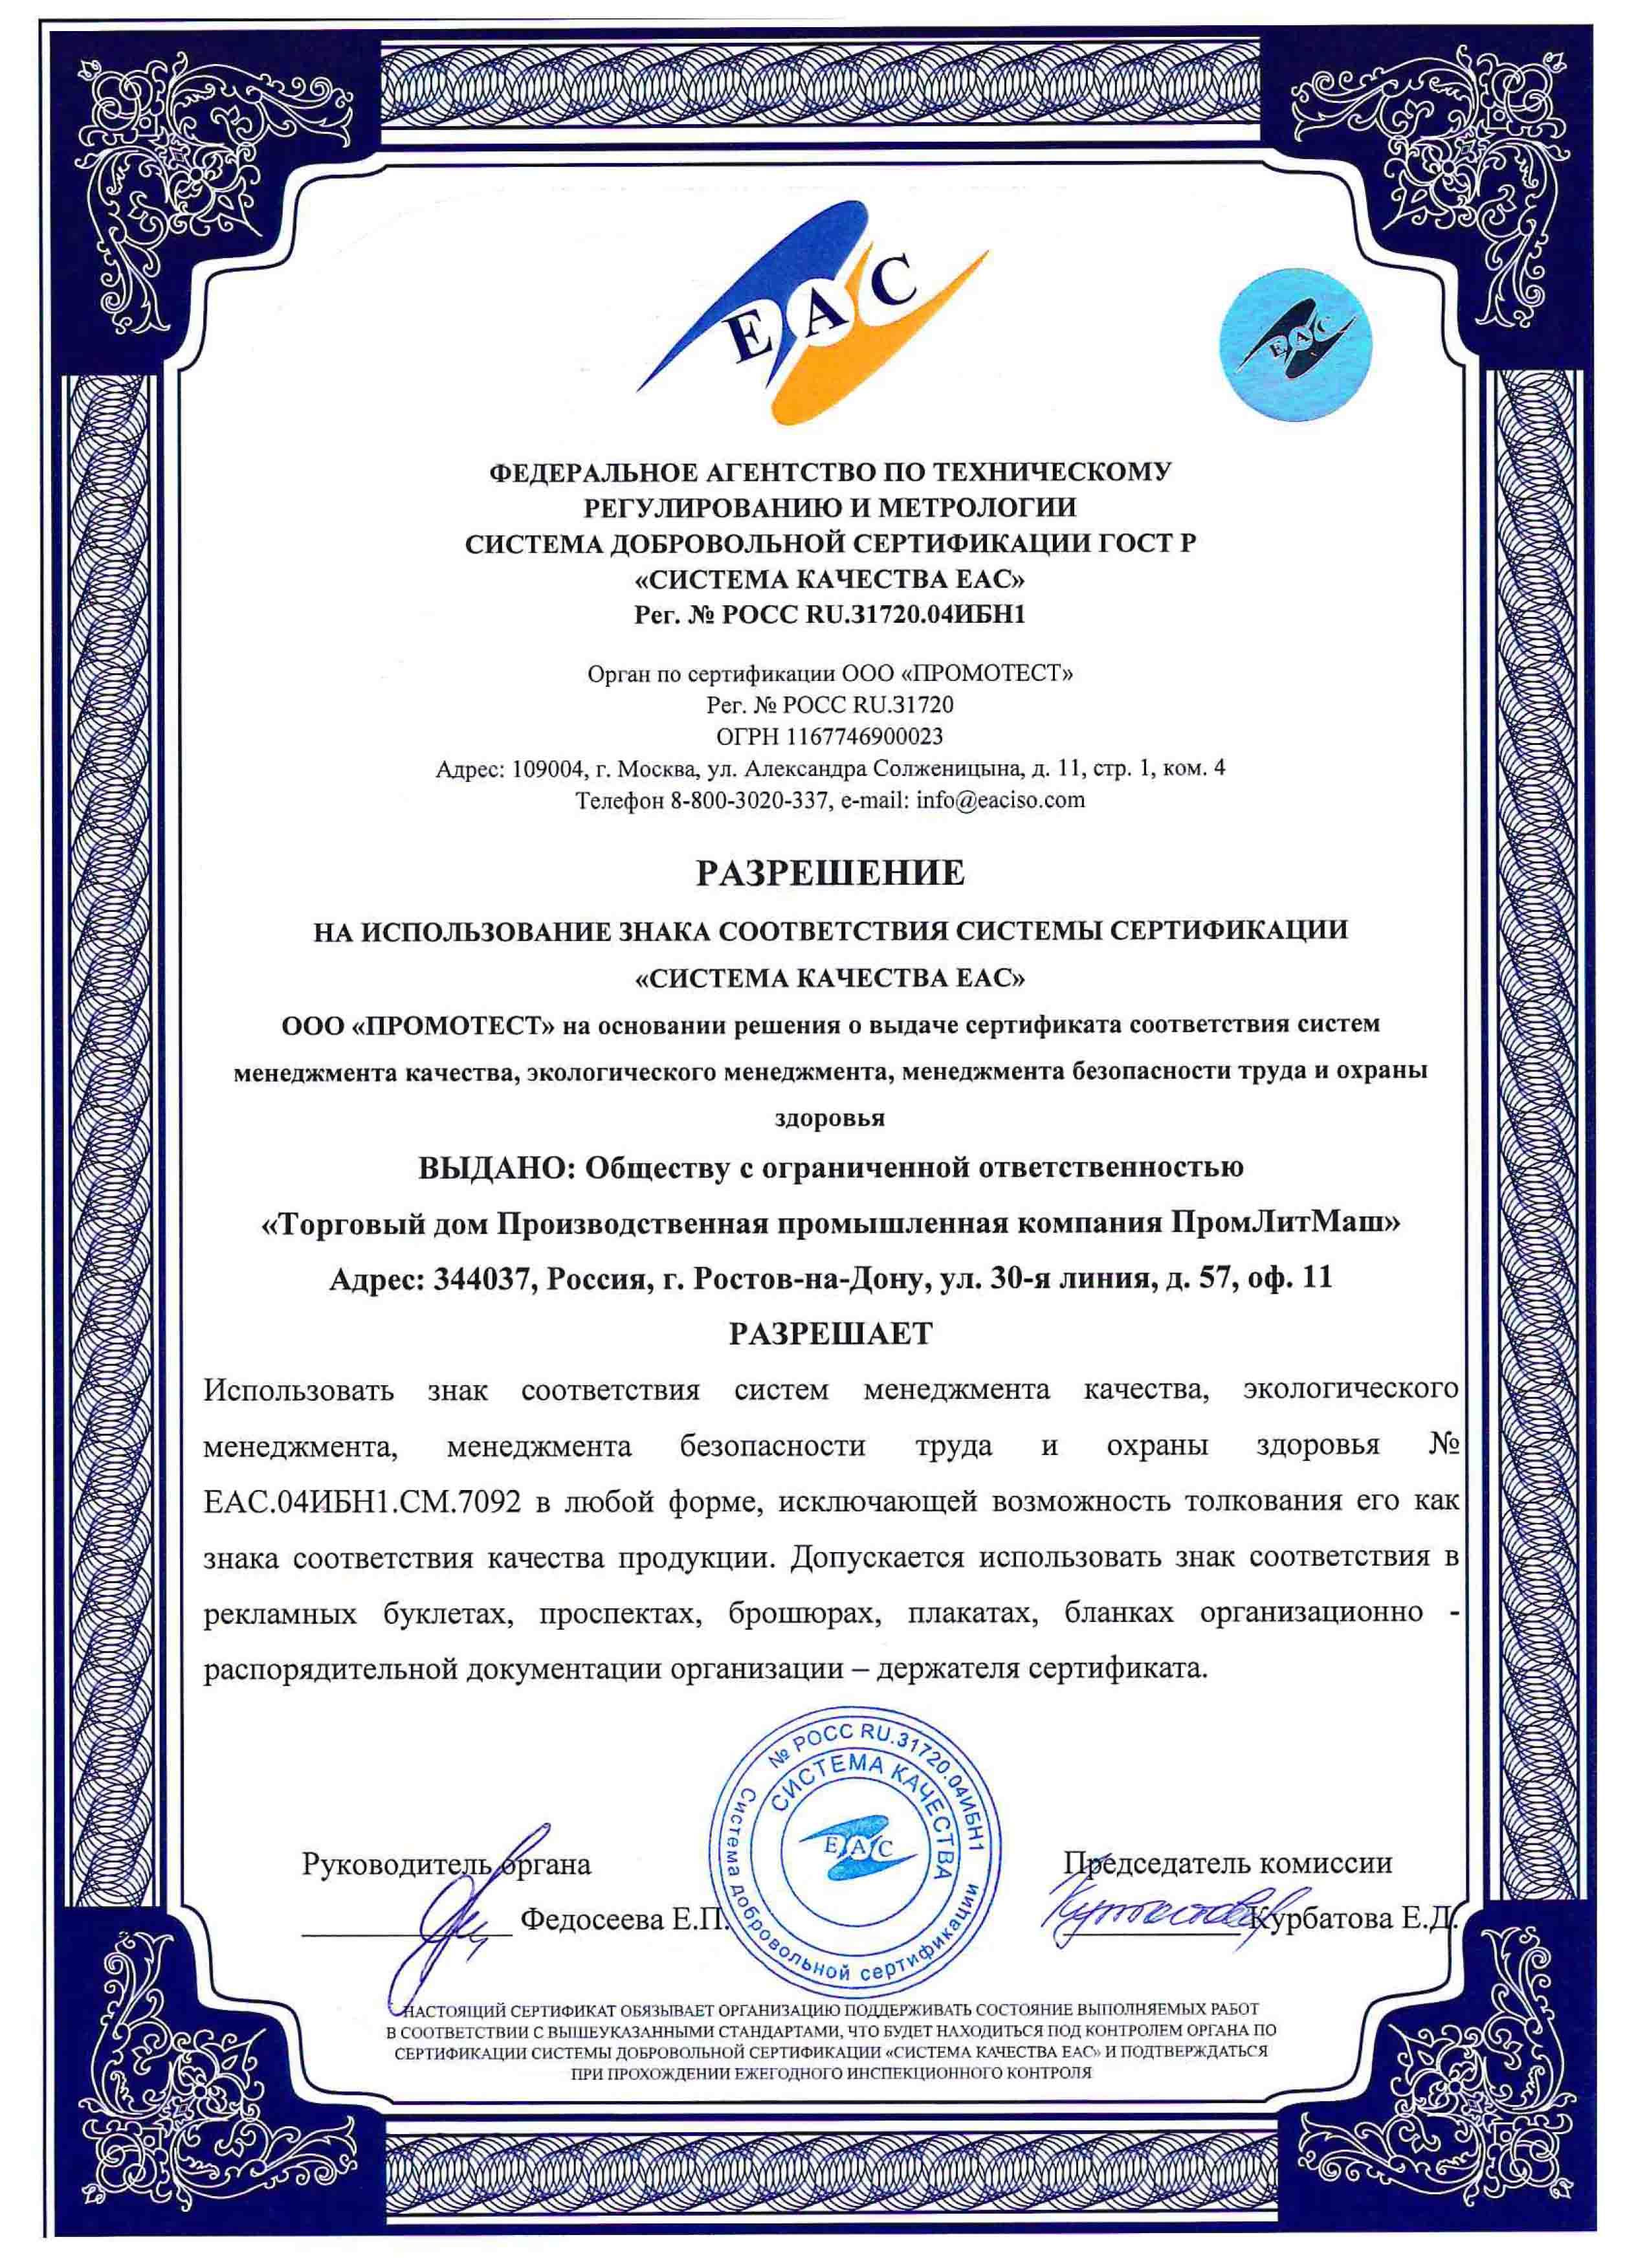 sertifikat (5)